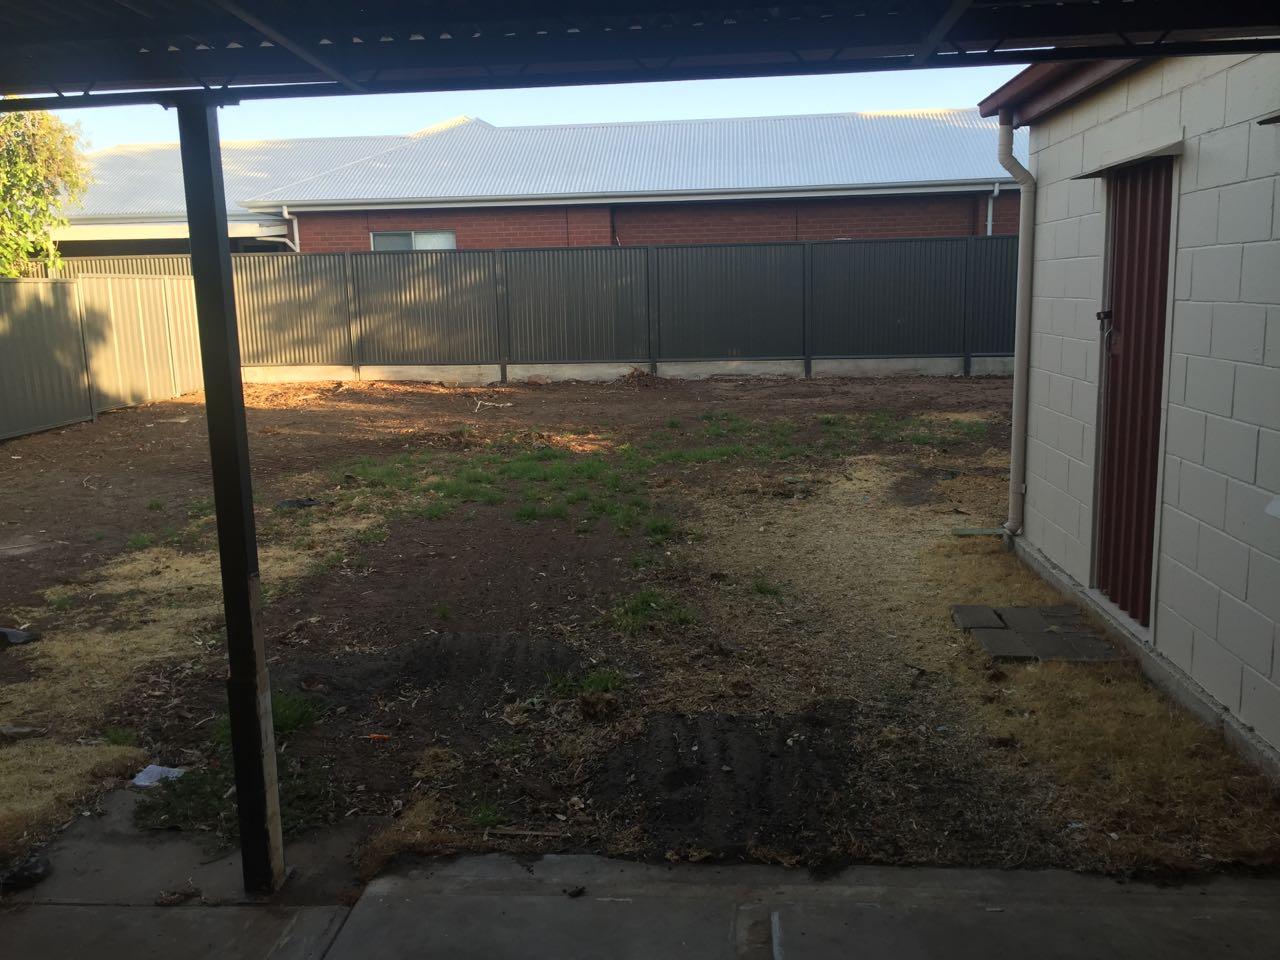 Underdale - Designing Landscape For Backyard